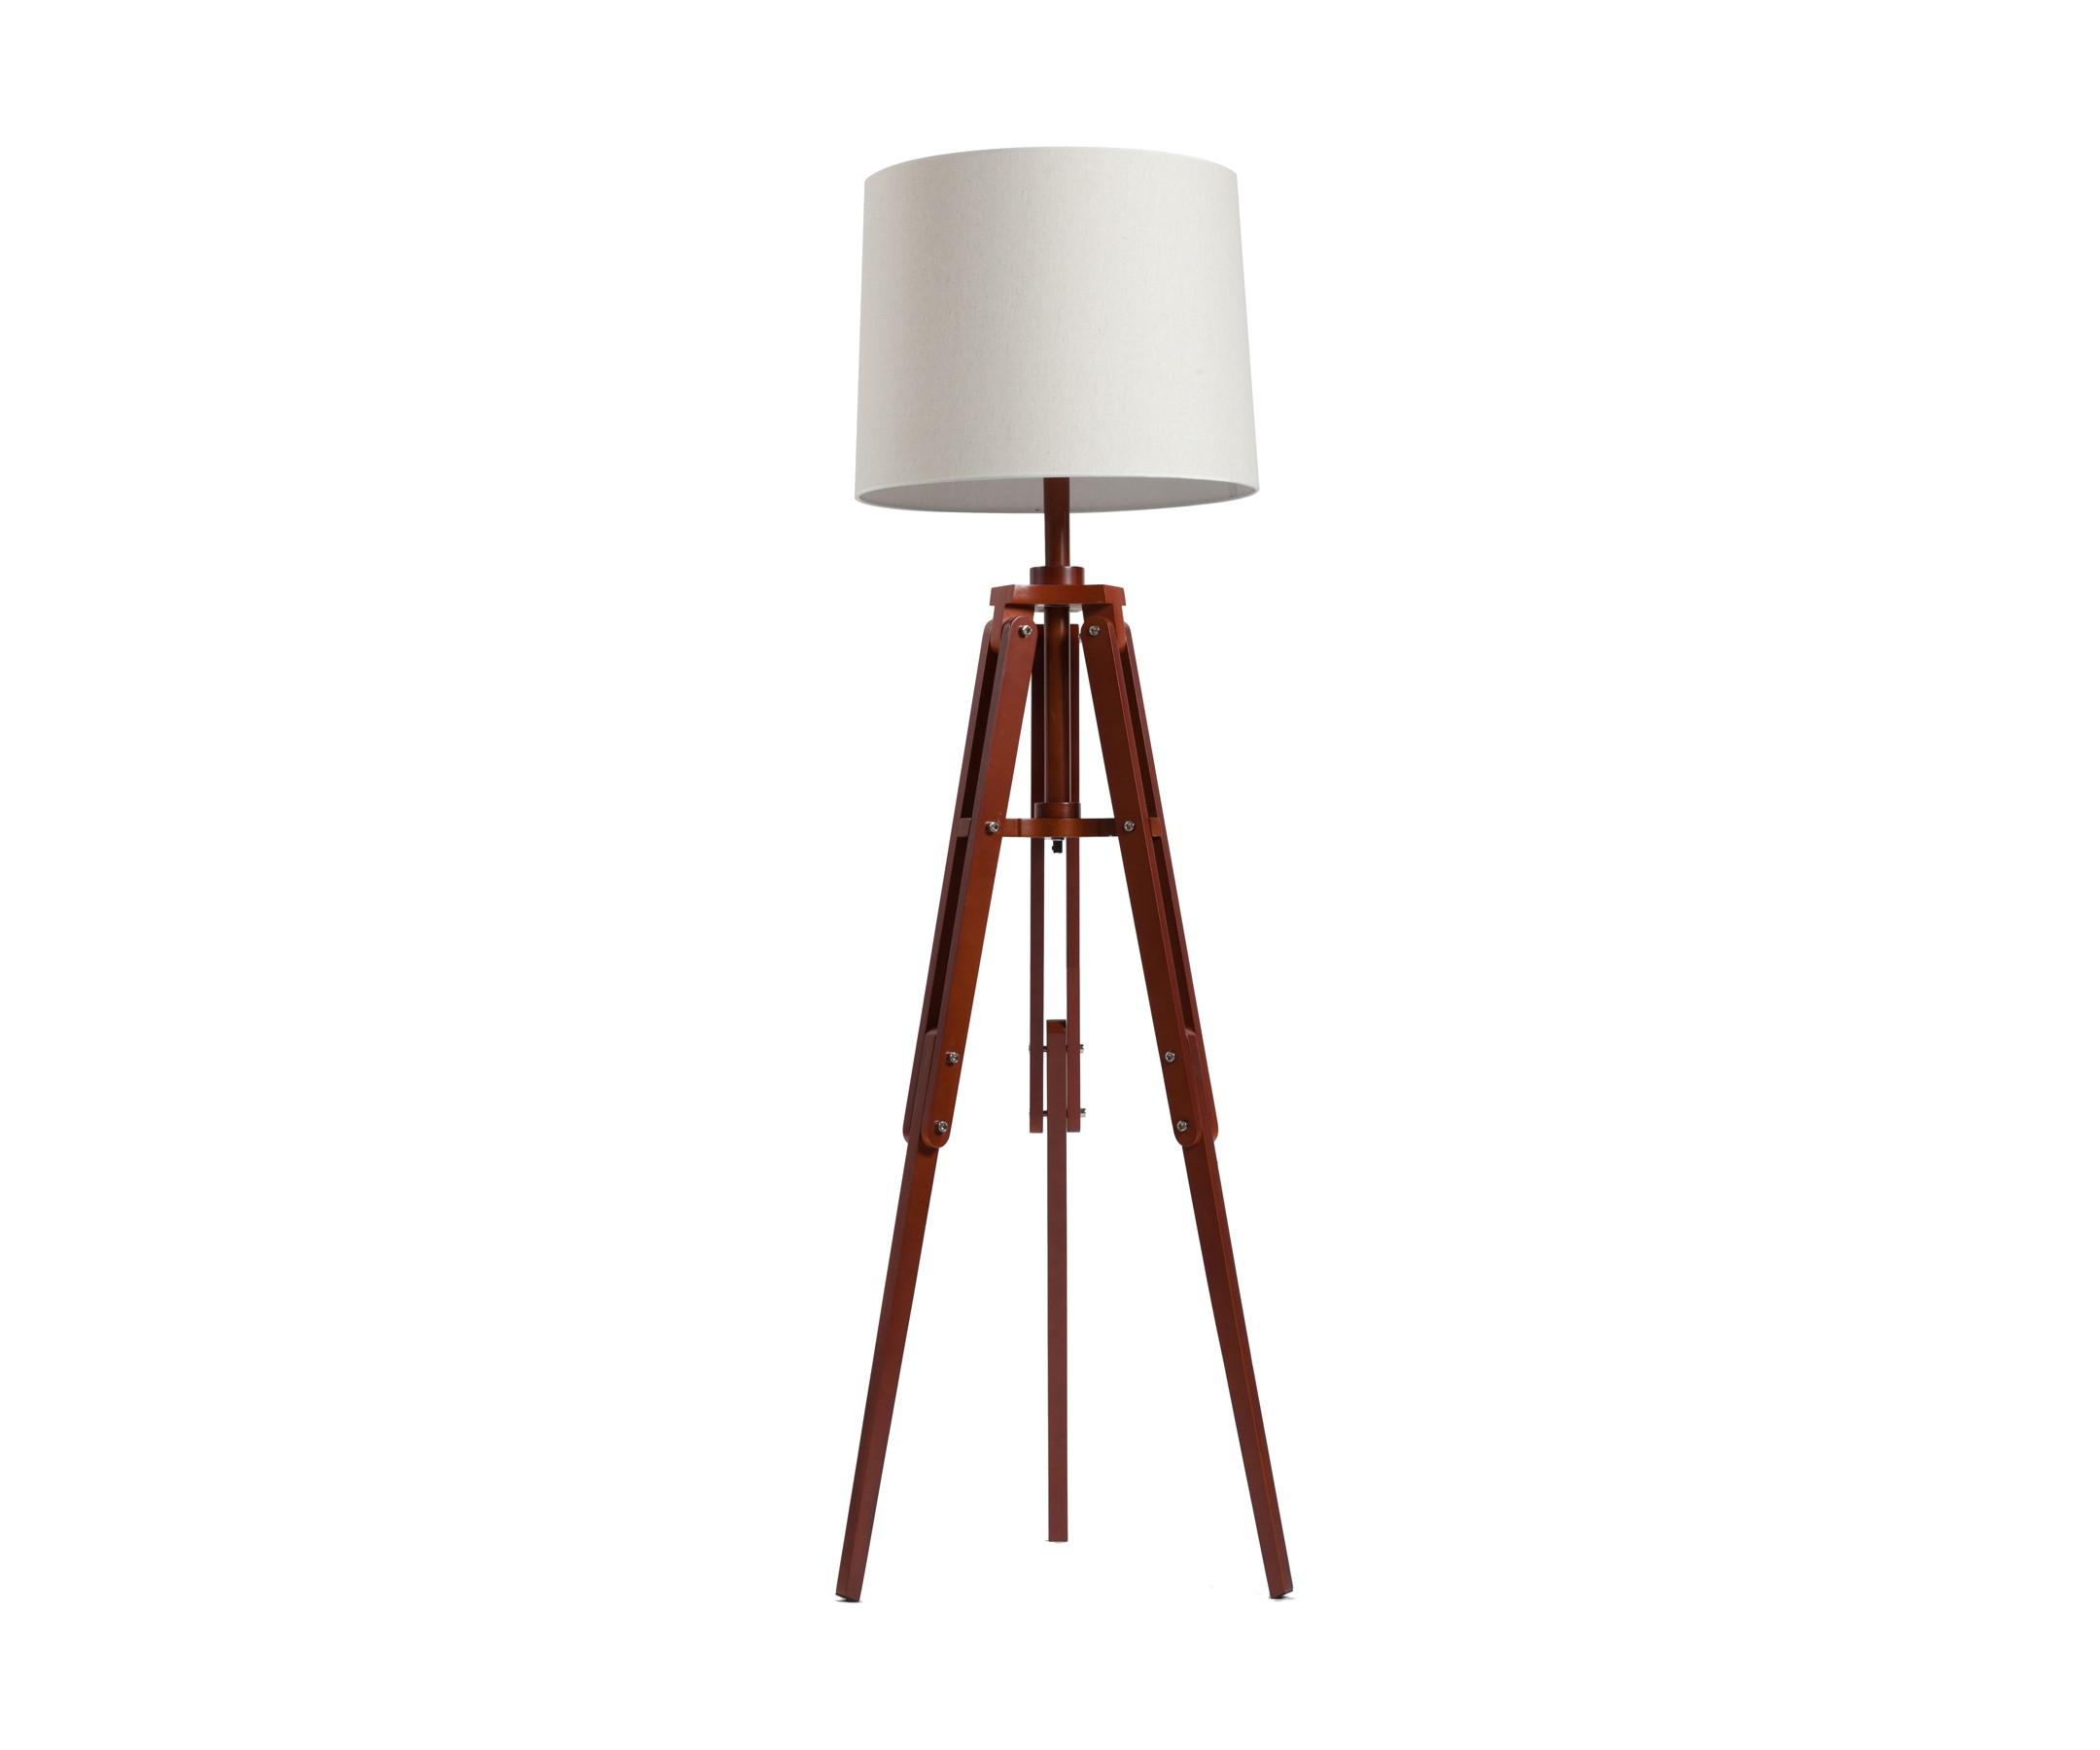 Напольный светильник Vintage Tripod Floor LampТоршеры<br>Светодиодная лампа, не включена в комплект<br><br>Material: Дерево<br>Width см: 53<br>Depth см: 53<br>Height см: 183